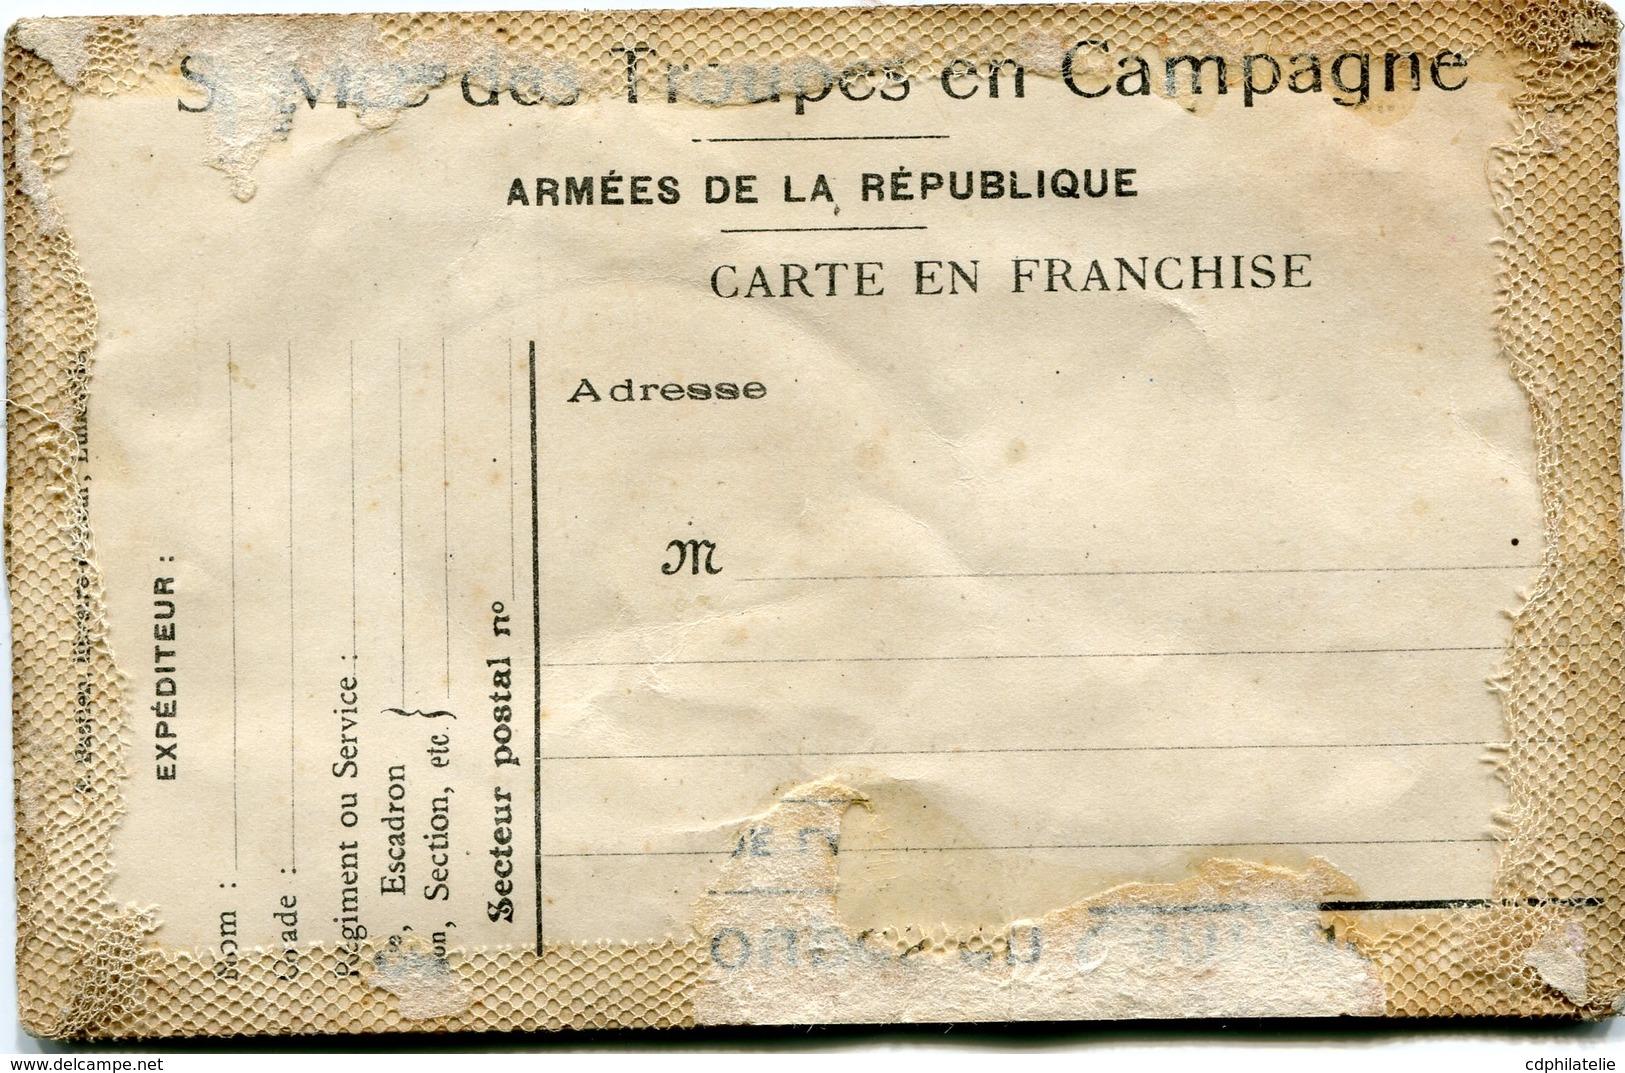 """FRANCE CARTE EN FRANCHISE """"SERVICE DES TROUPES EN CAMPAGNE"""" NEUVE RECOUVERTE D'UNE BRODERIE AVEC DATE 1918 - Marcophilie (Lettres)"""